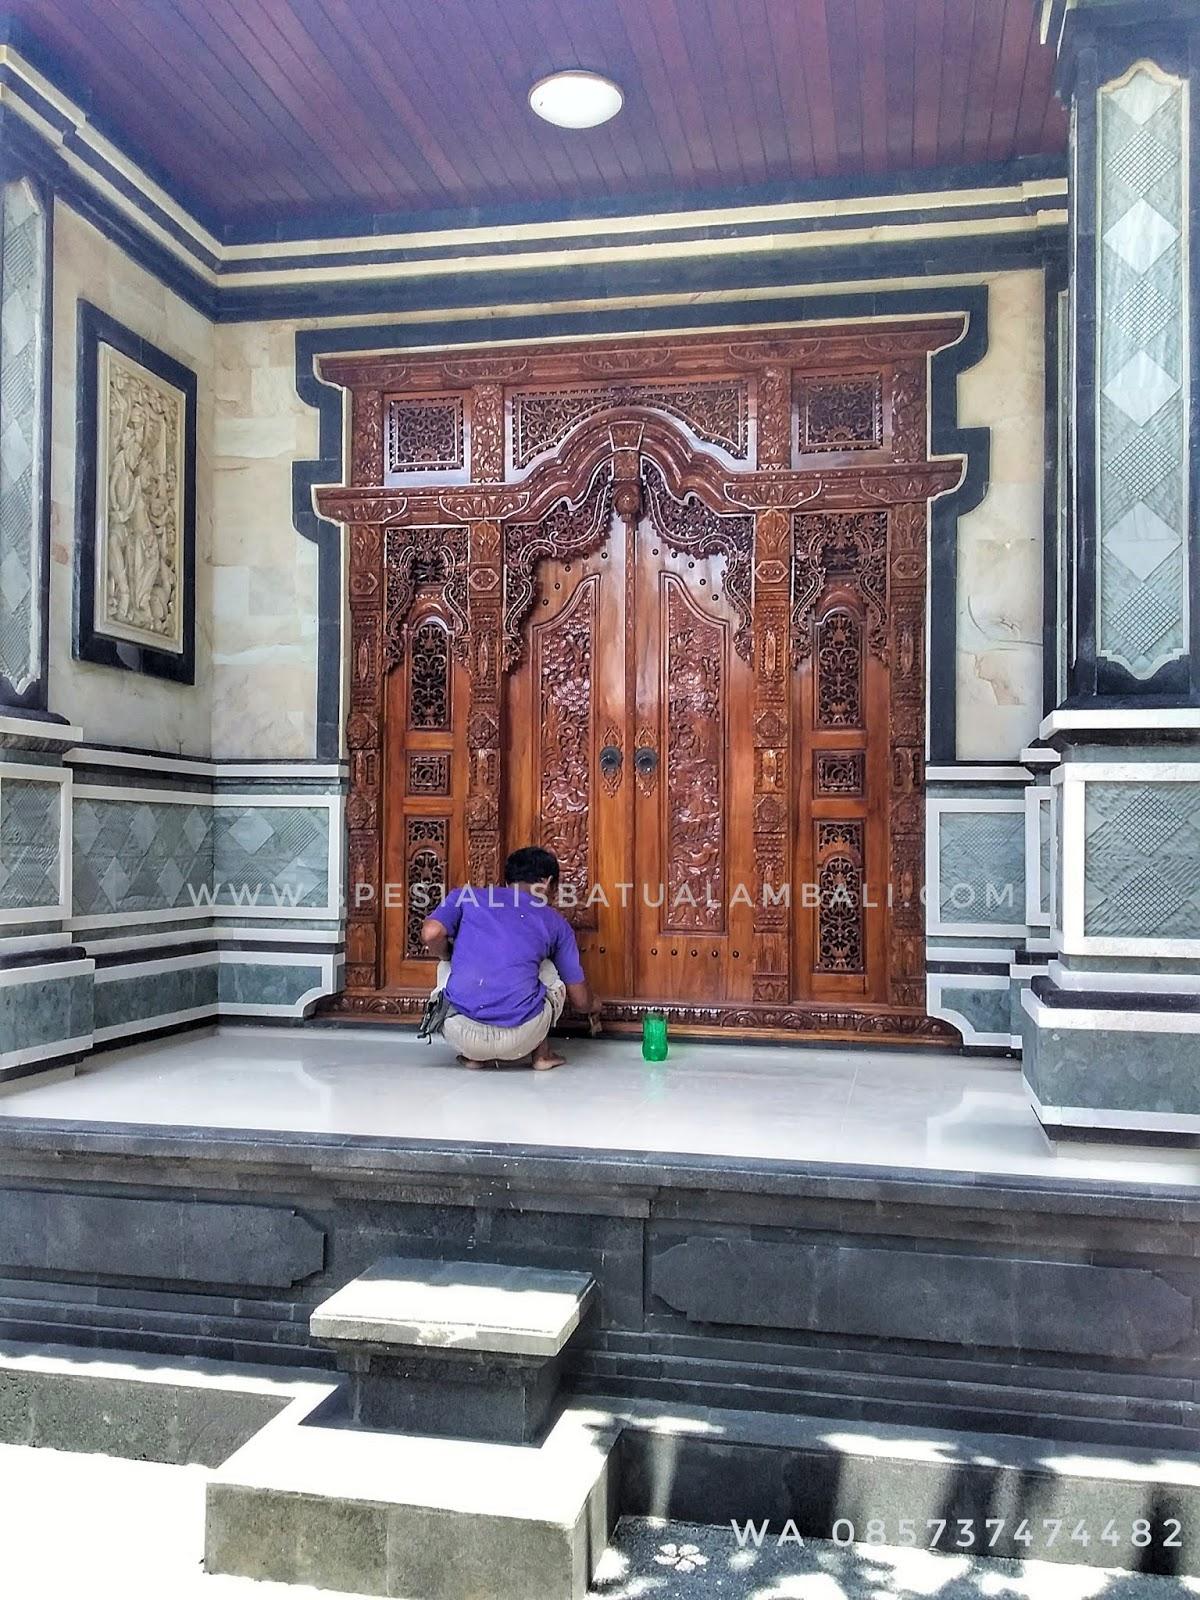 Rumah Minimalis Di Sanur Spesialis Batu Alam Bali